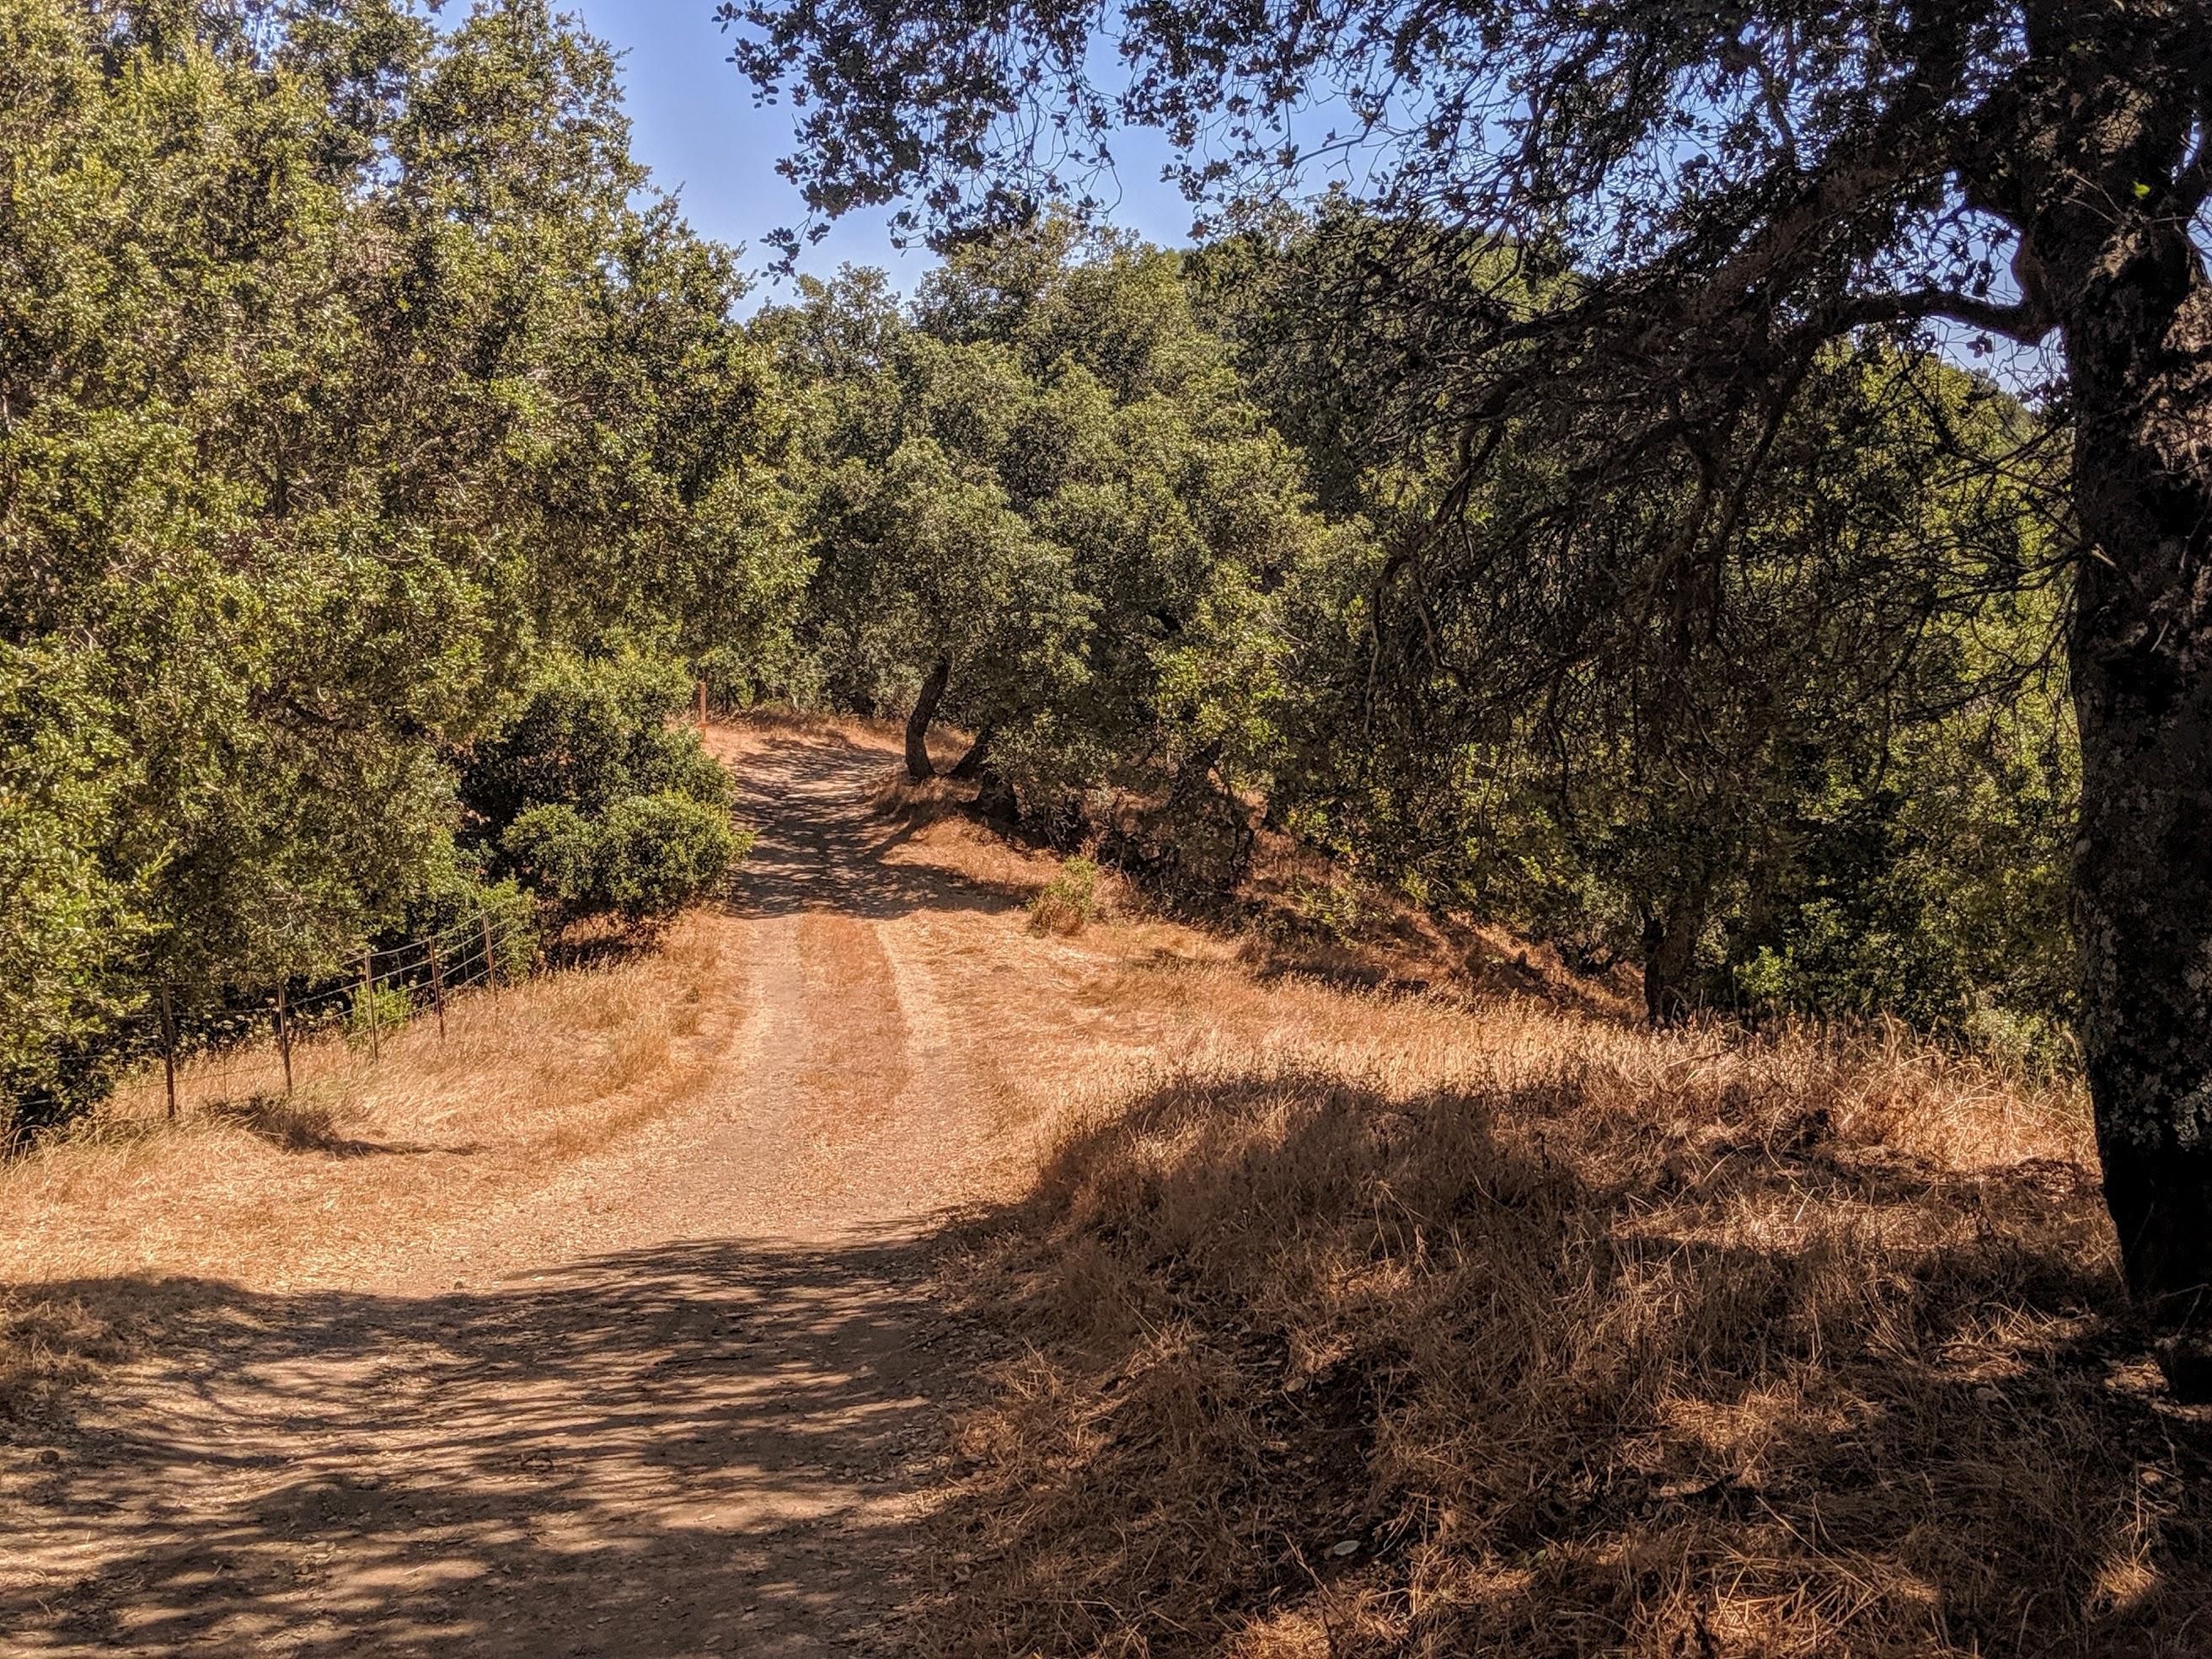 Oltre le colline di Oakland e Berkeley c'è una vasto parco naturale che offre numerosissime opportunità' di trail running. I miei percorsi preferiti partono da Bear Creek Staging Area, dove si può lasciare la macchina. In genere seguo un percorso di circa 10 km con alcuni importanti saliscendi.